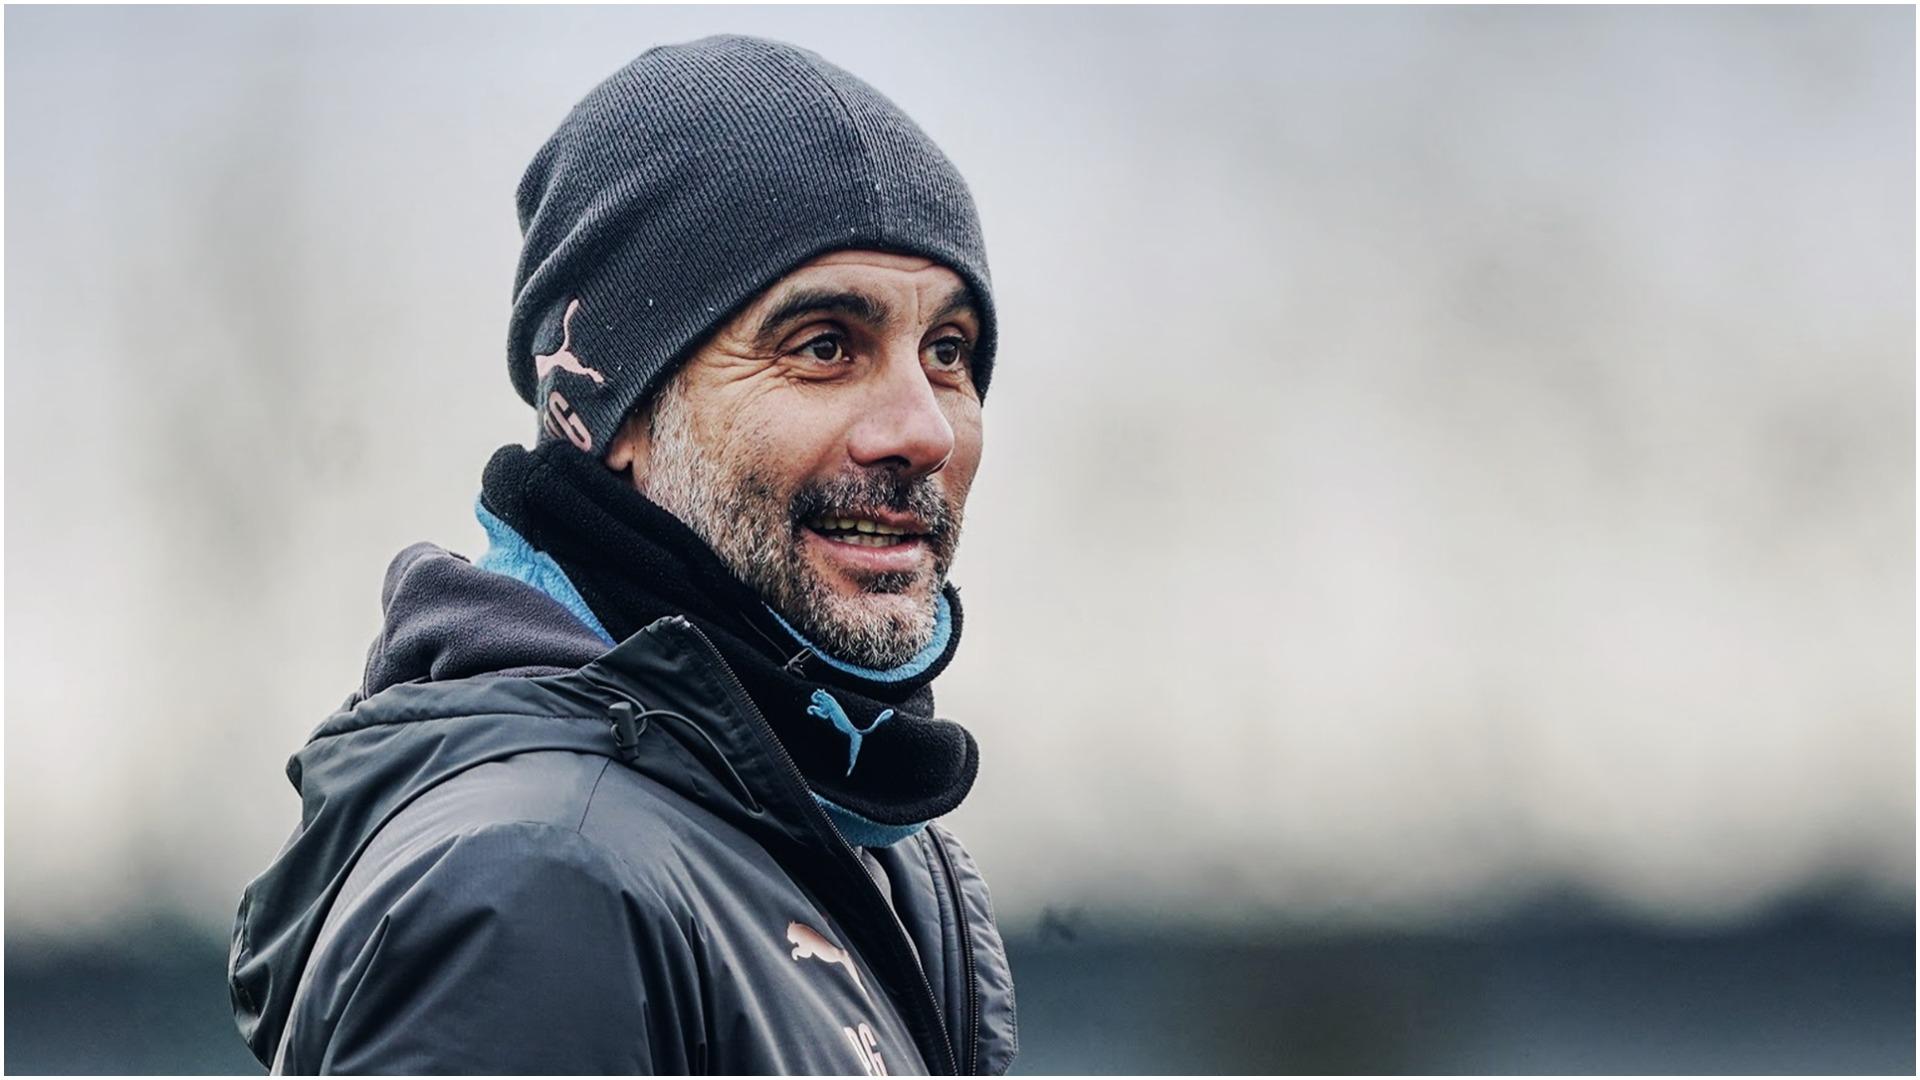 Guardiola: E pabesueshme çfarë po bëjmë, por s'kemi fituar ende asgjë